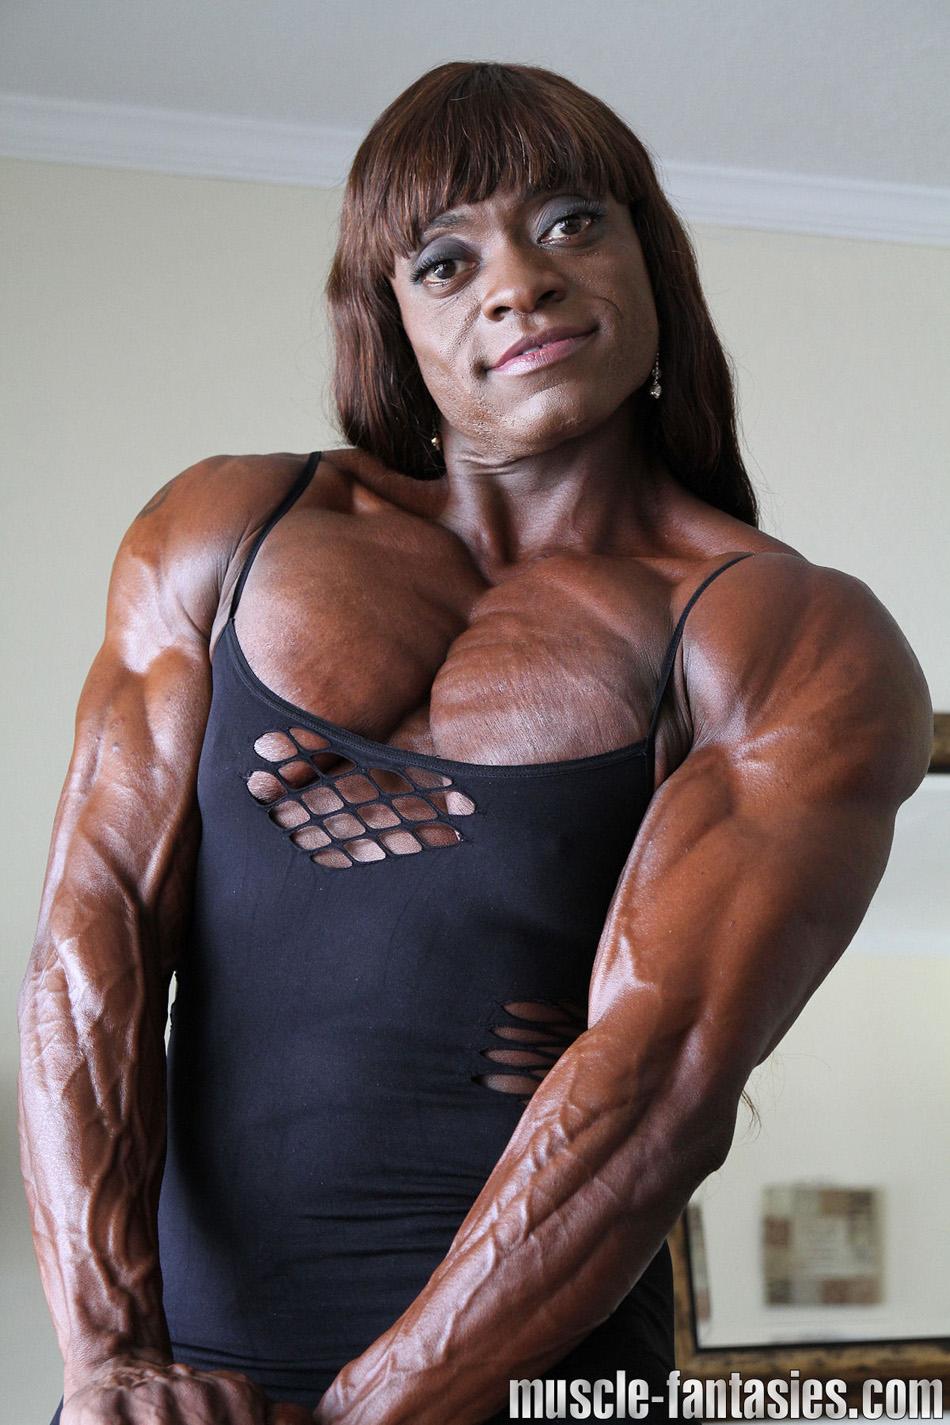 Female Bodybuilder Keli Watkins - Photo by Muscle Fantasies